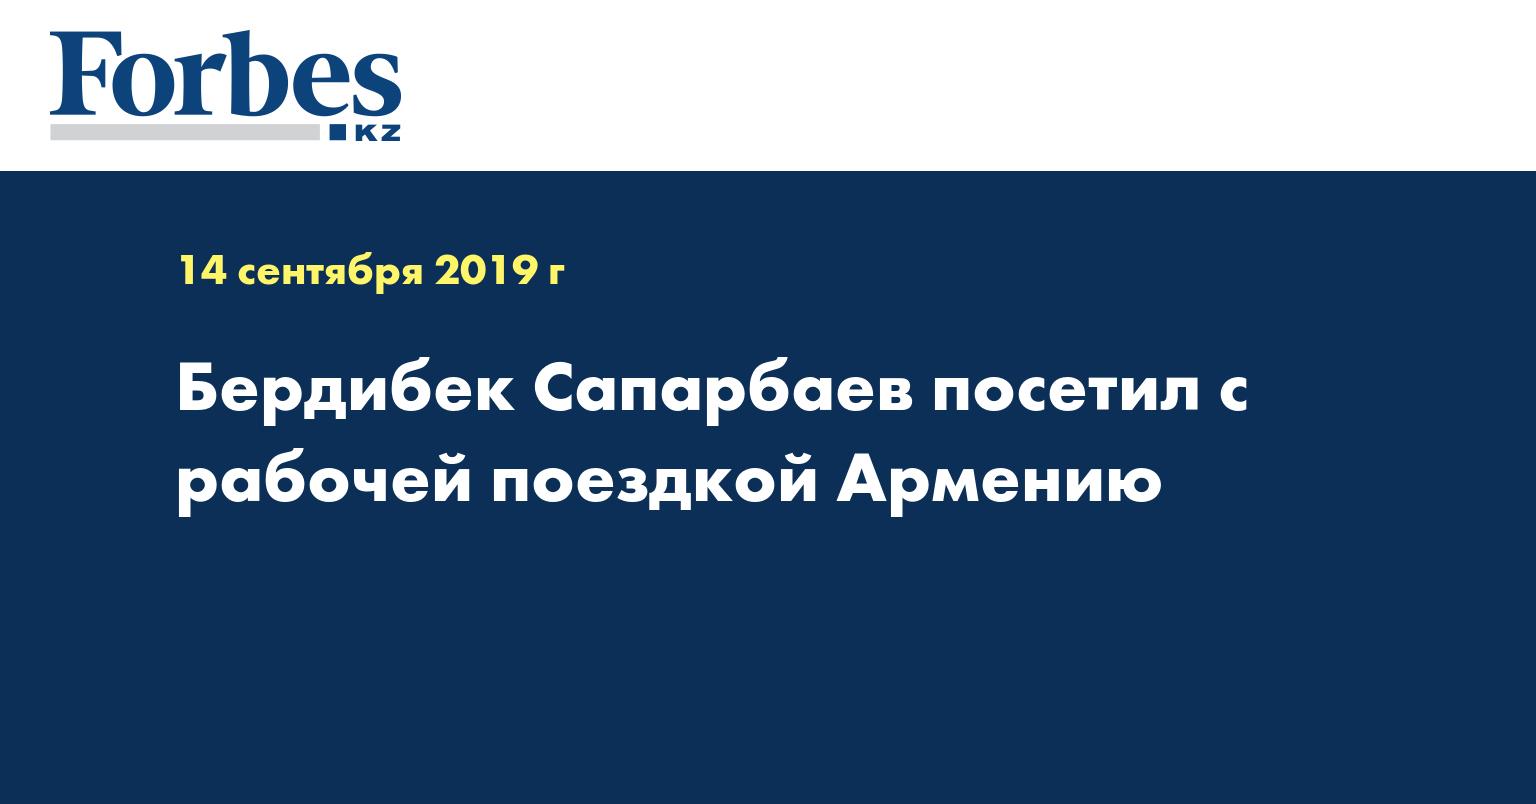 Бердибек Сапарбаев посетил с рабочей поездкой Армению